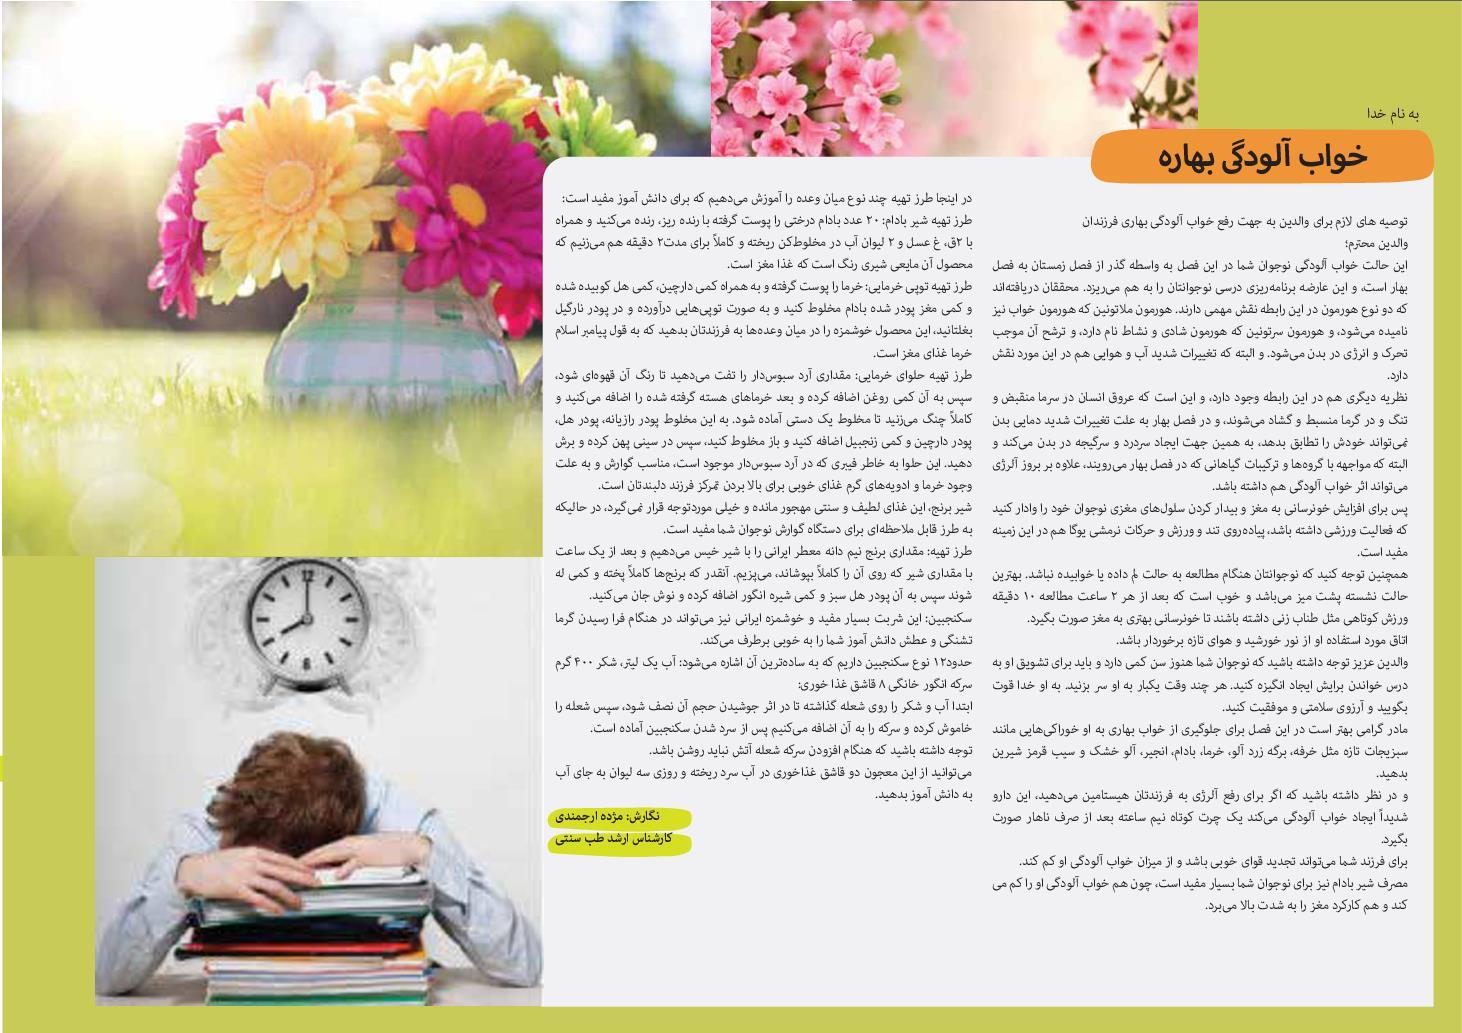 خواب آلودگی بهاره (PDF)